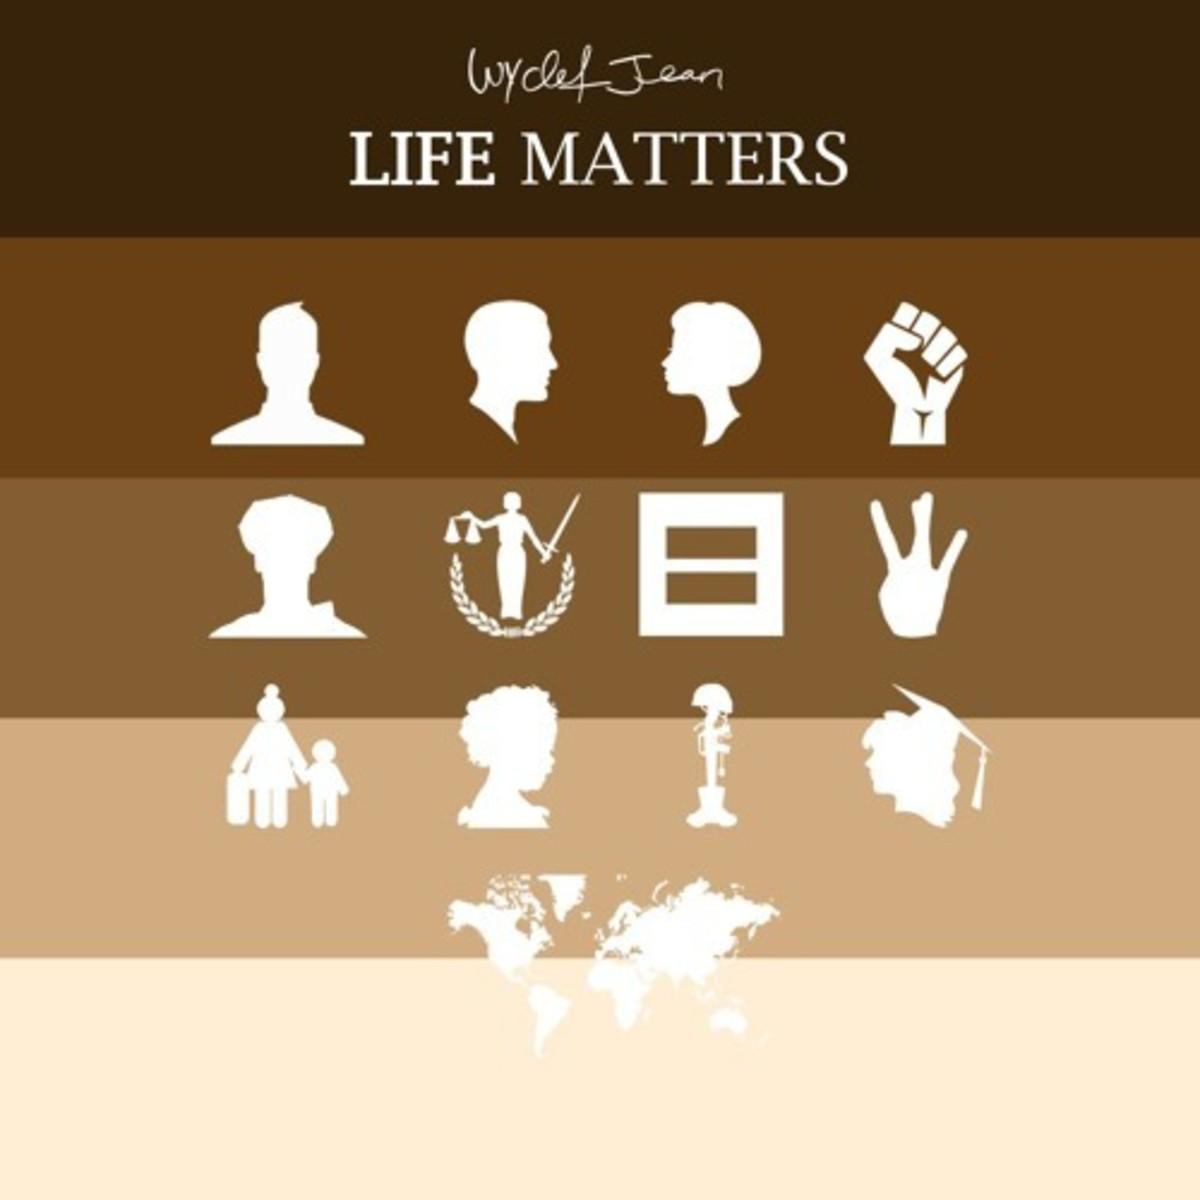 wyclef-jean-life-matters.jpg